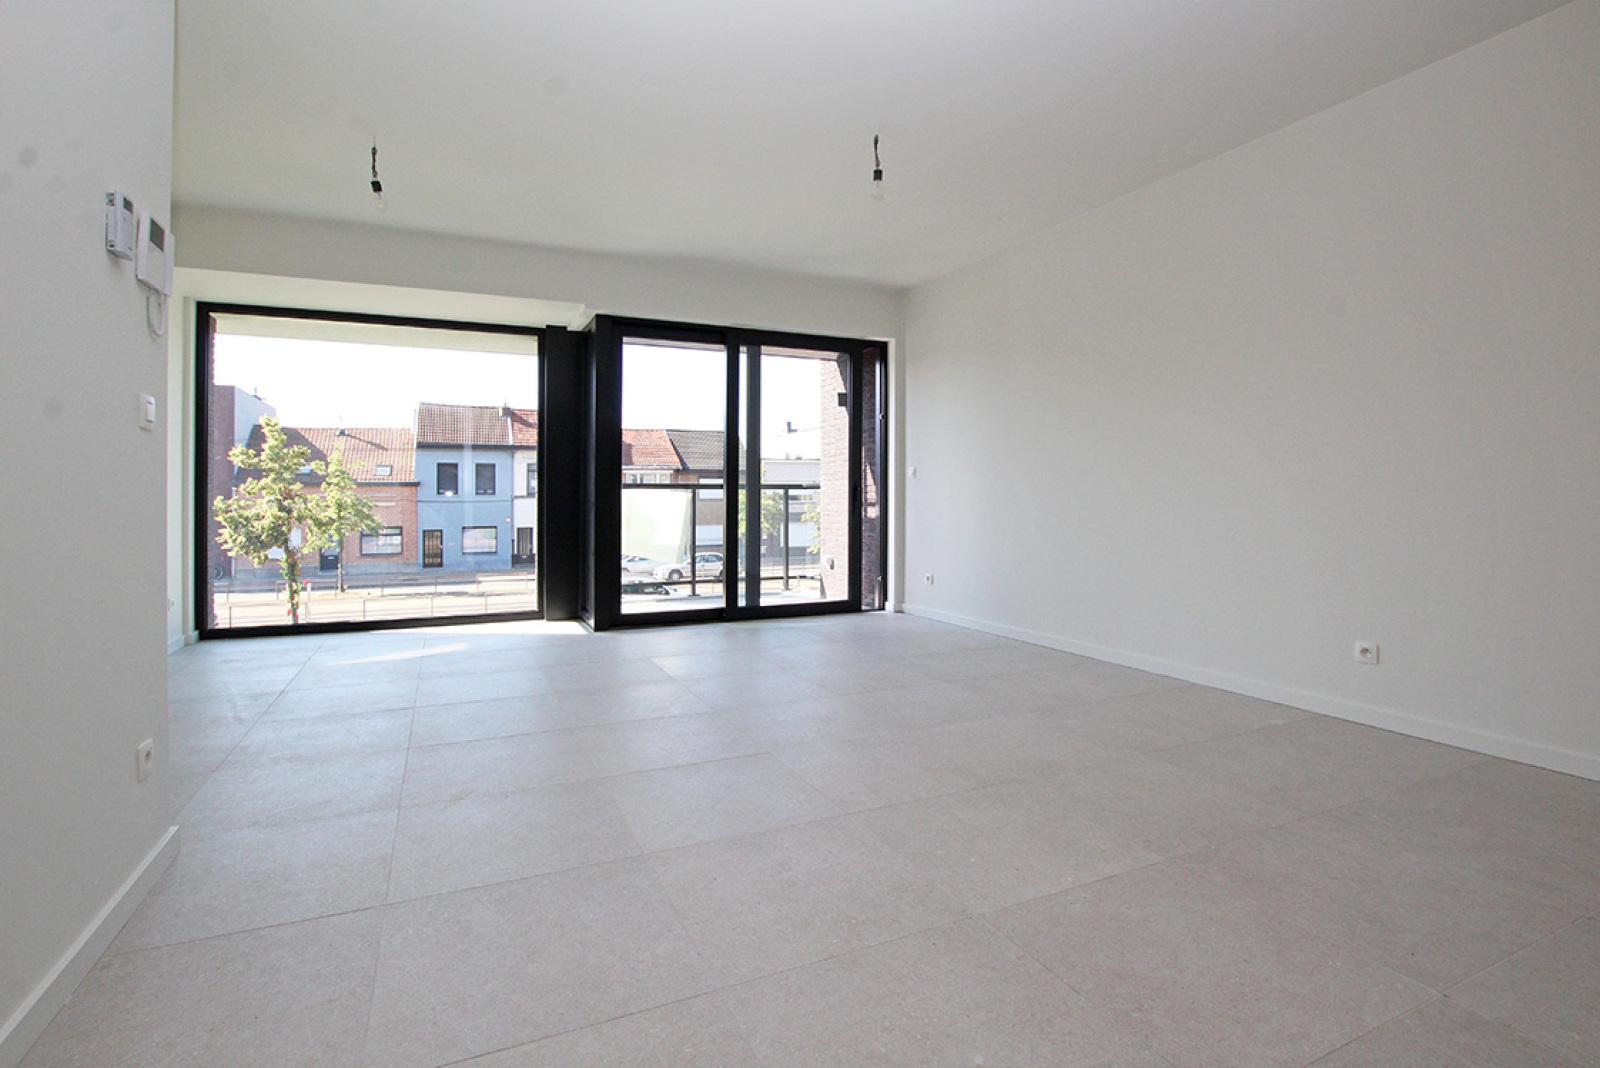 Prachtig appartement met terras op gegeerde locatie! afbeelding 1